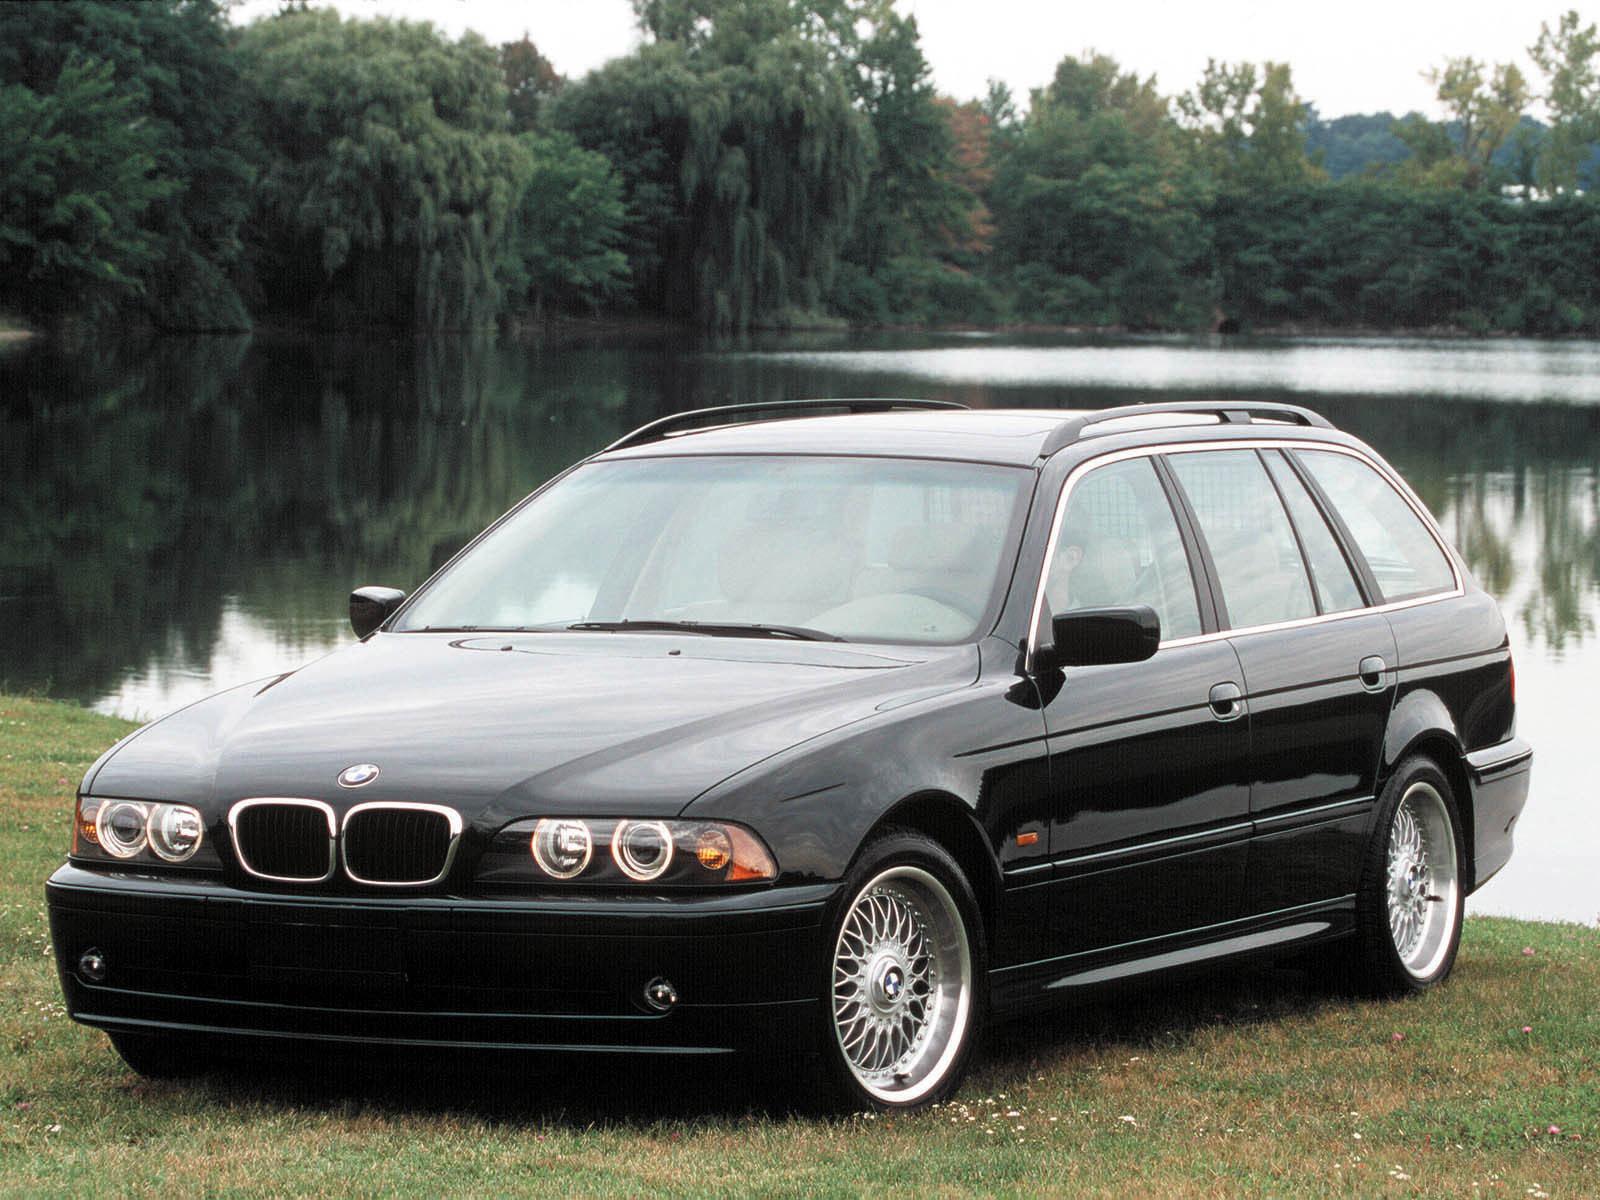 BMW 540i touring (E39)